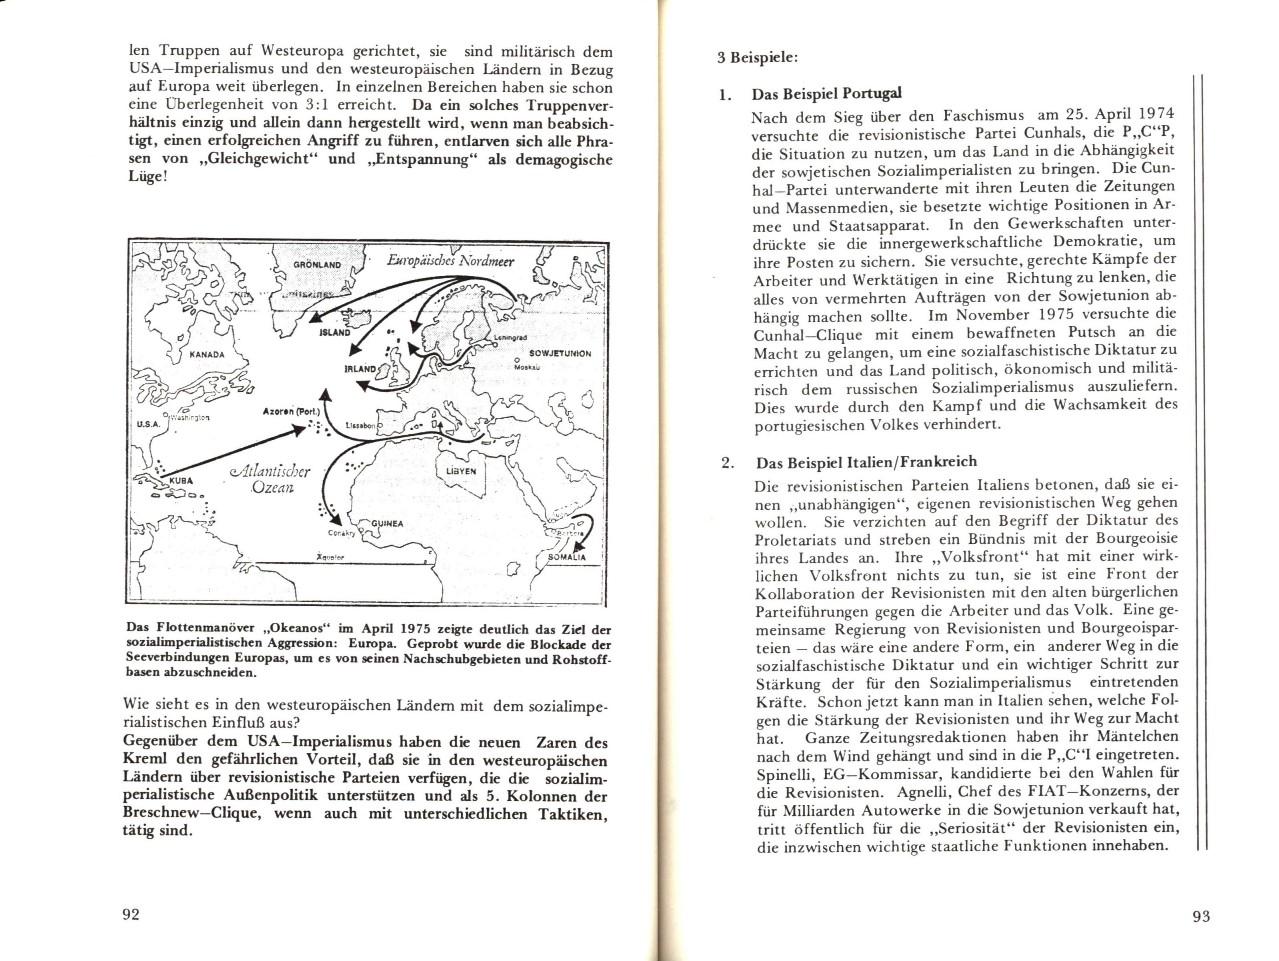 KPDAO_1976_Agitationsbroschuere_zur_BTW_48